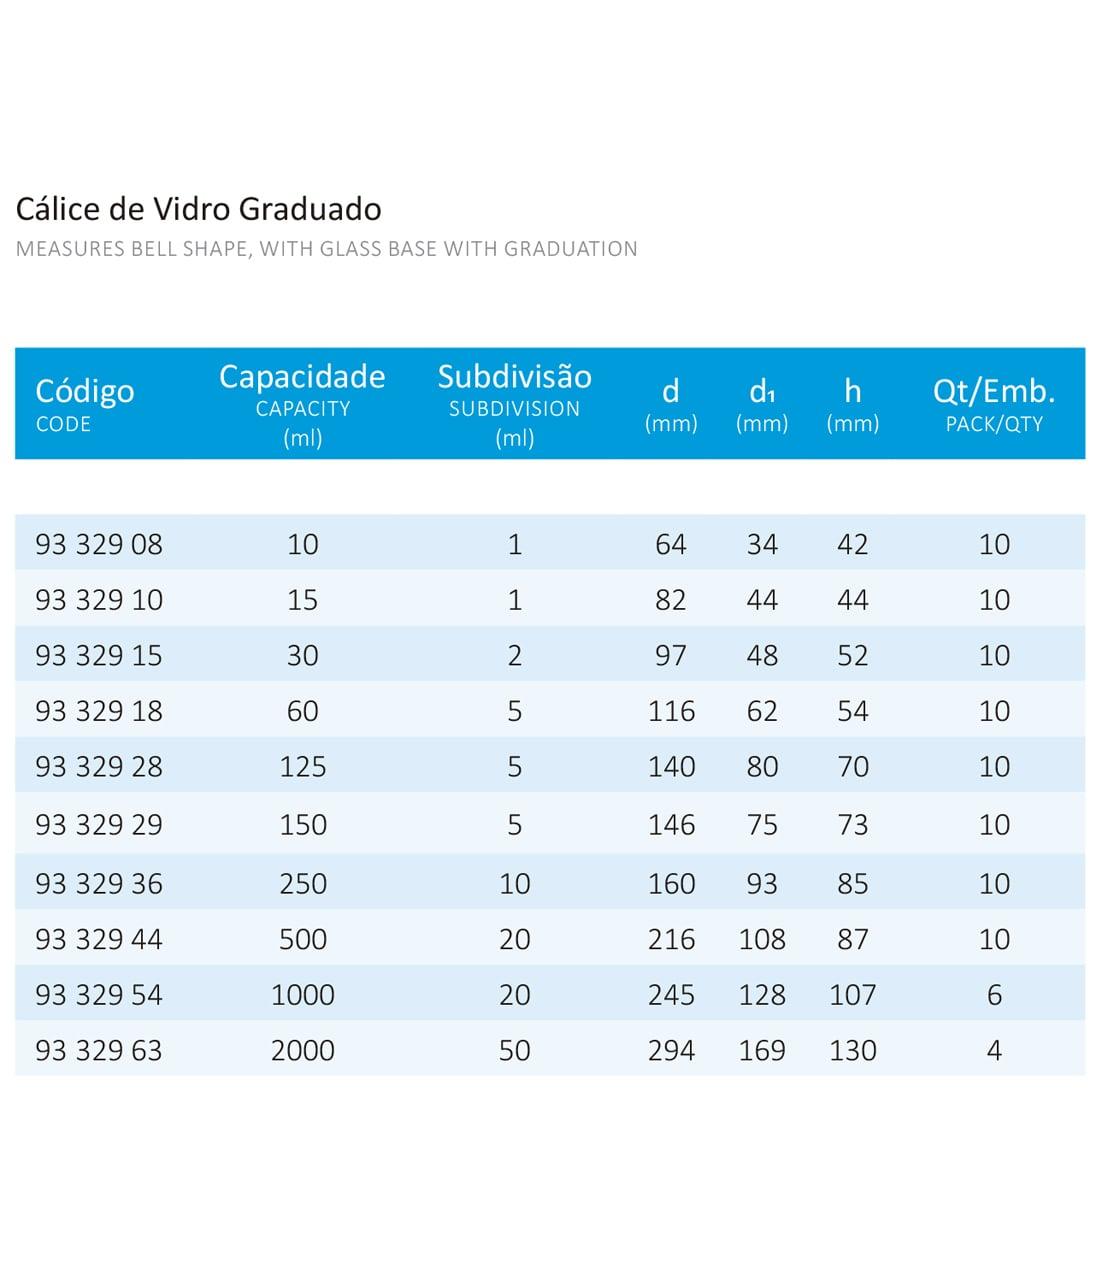 CALICE DE VIDRO GRADUADO 500 ML 20/1 - Laborglas - Cód. 9332944